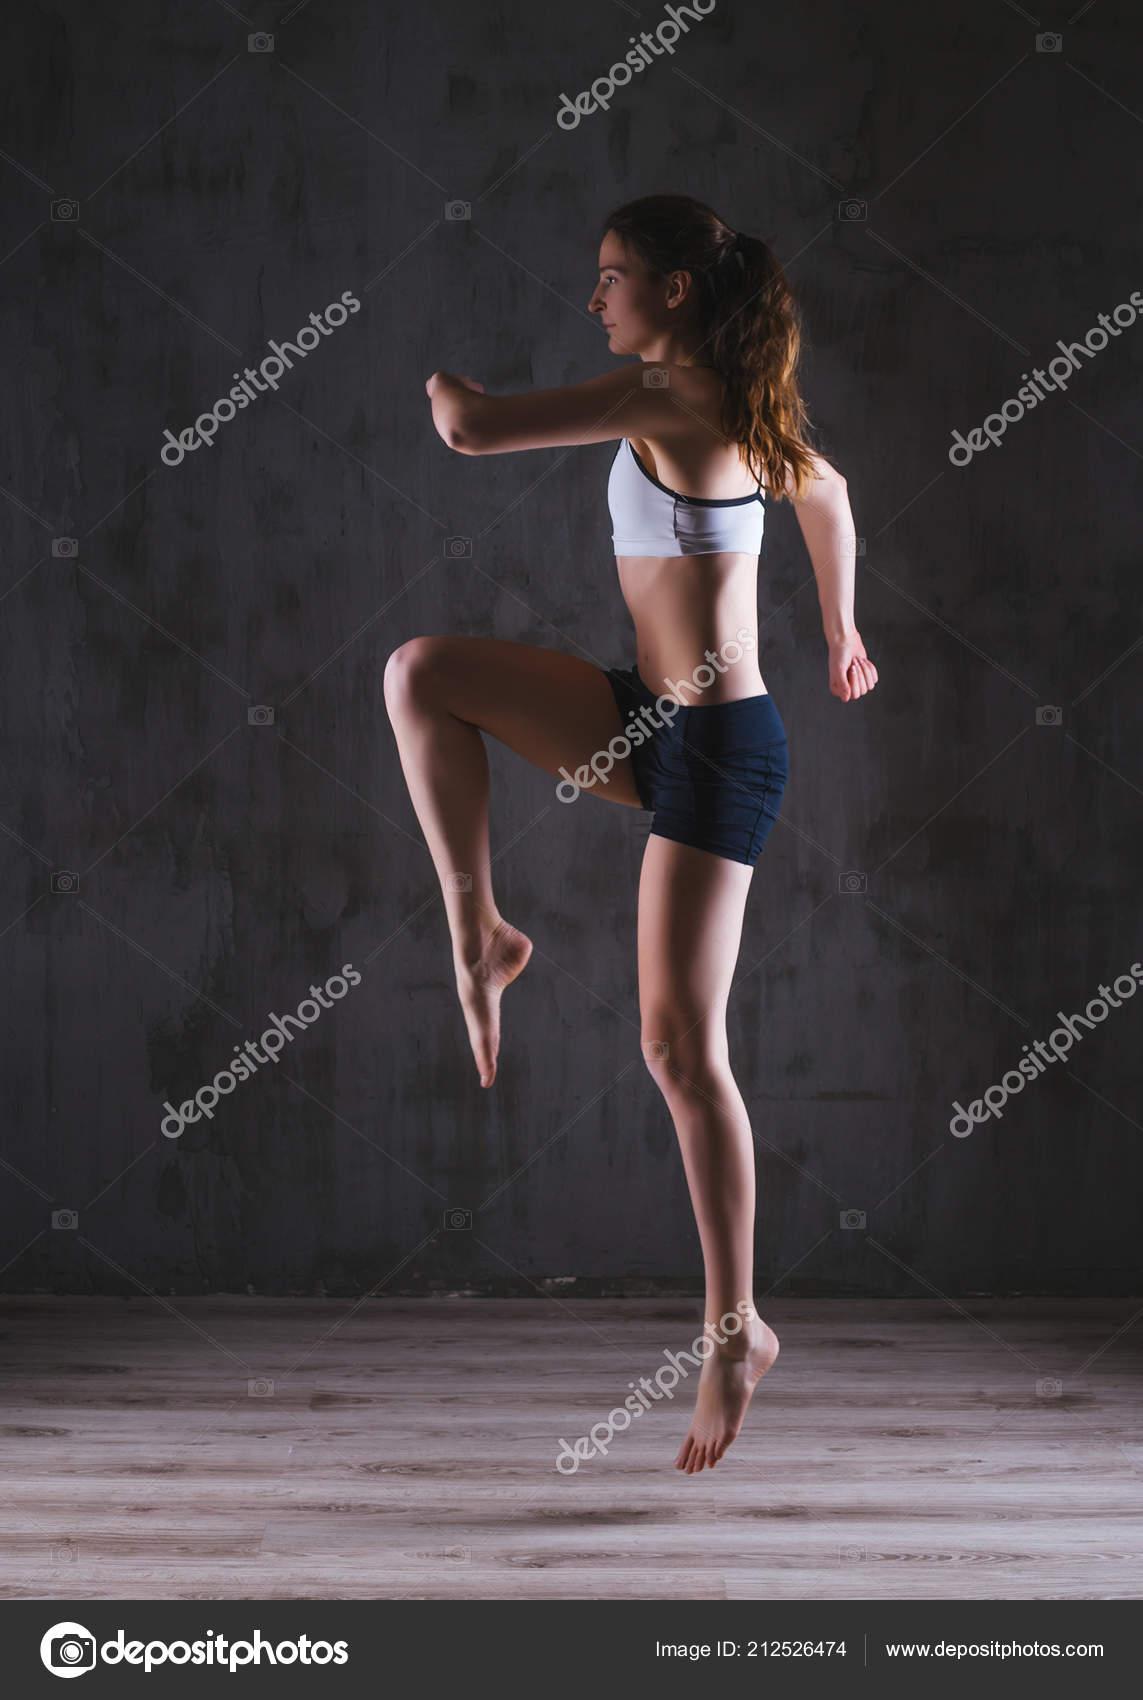 Ausbildung in dunklen Studio Fitness Frau. Junges Mädchen